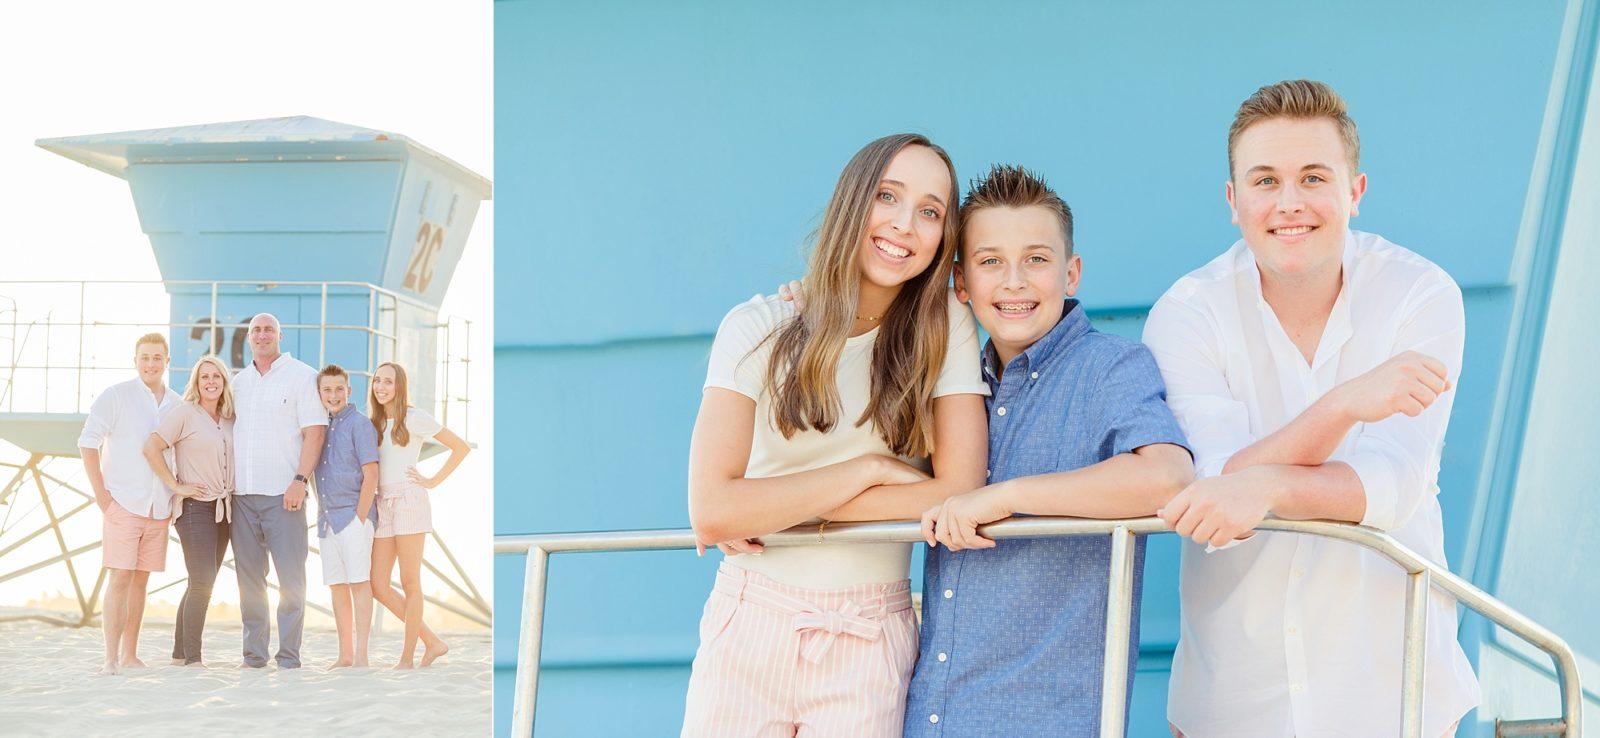 Sibling Photos | Photography at the Hotel del Coronado